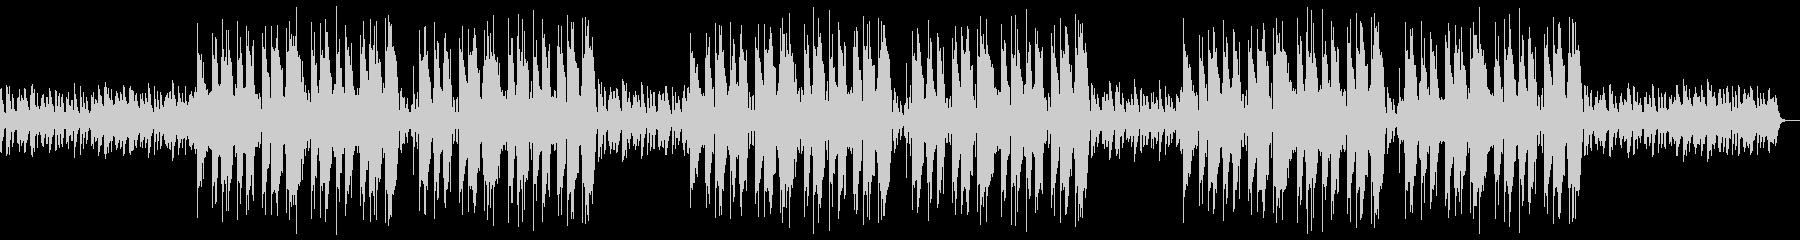 不思議で優雅なヒップホップBGMの未再生の波形